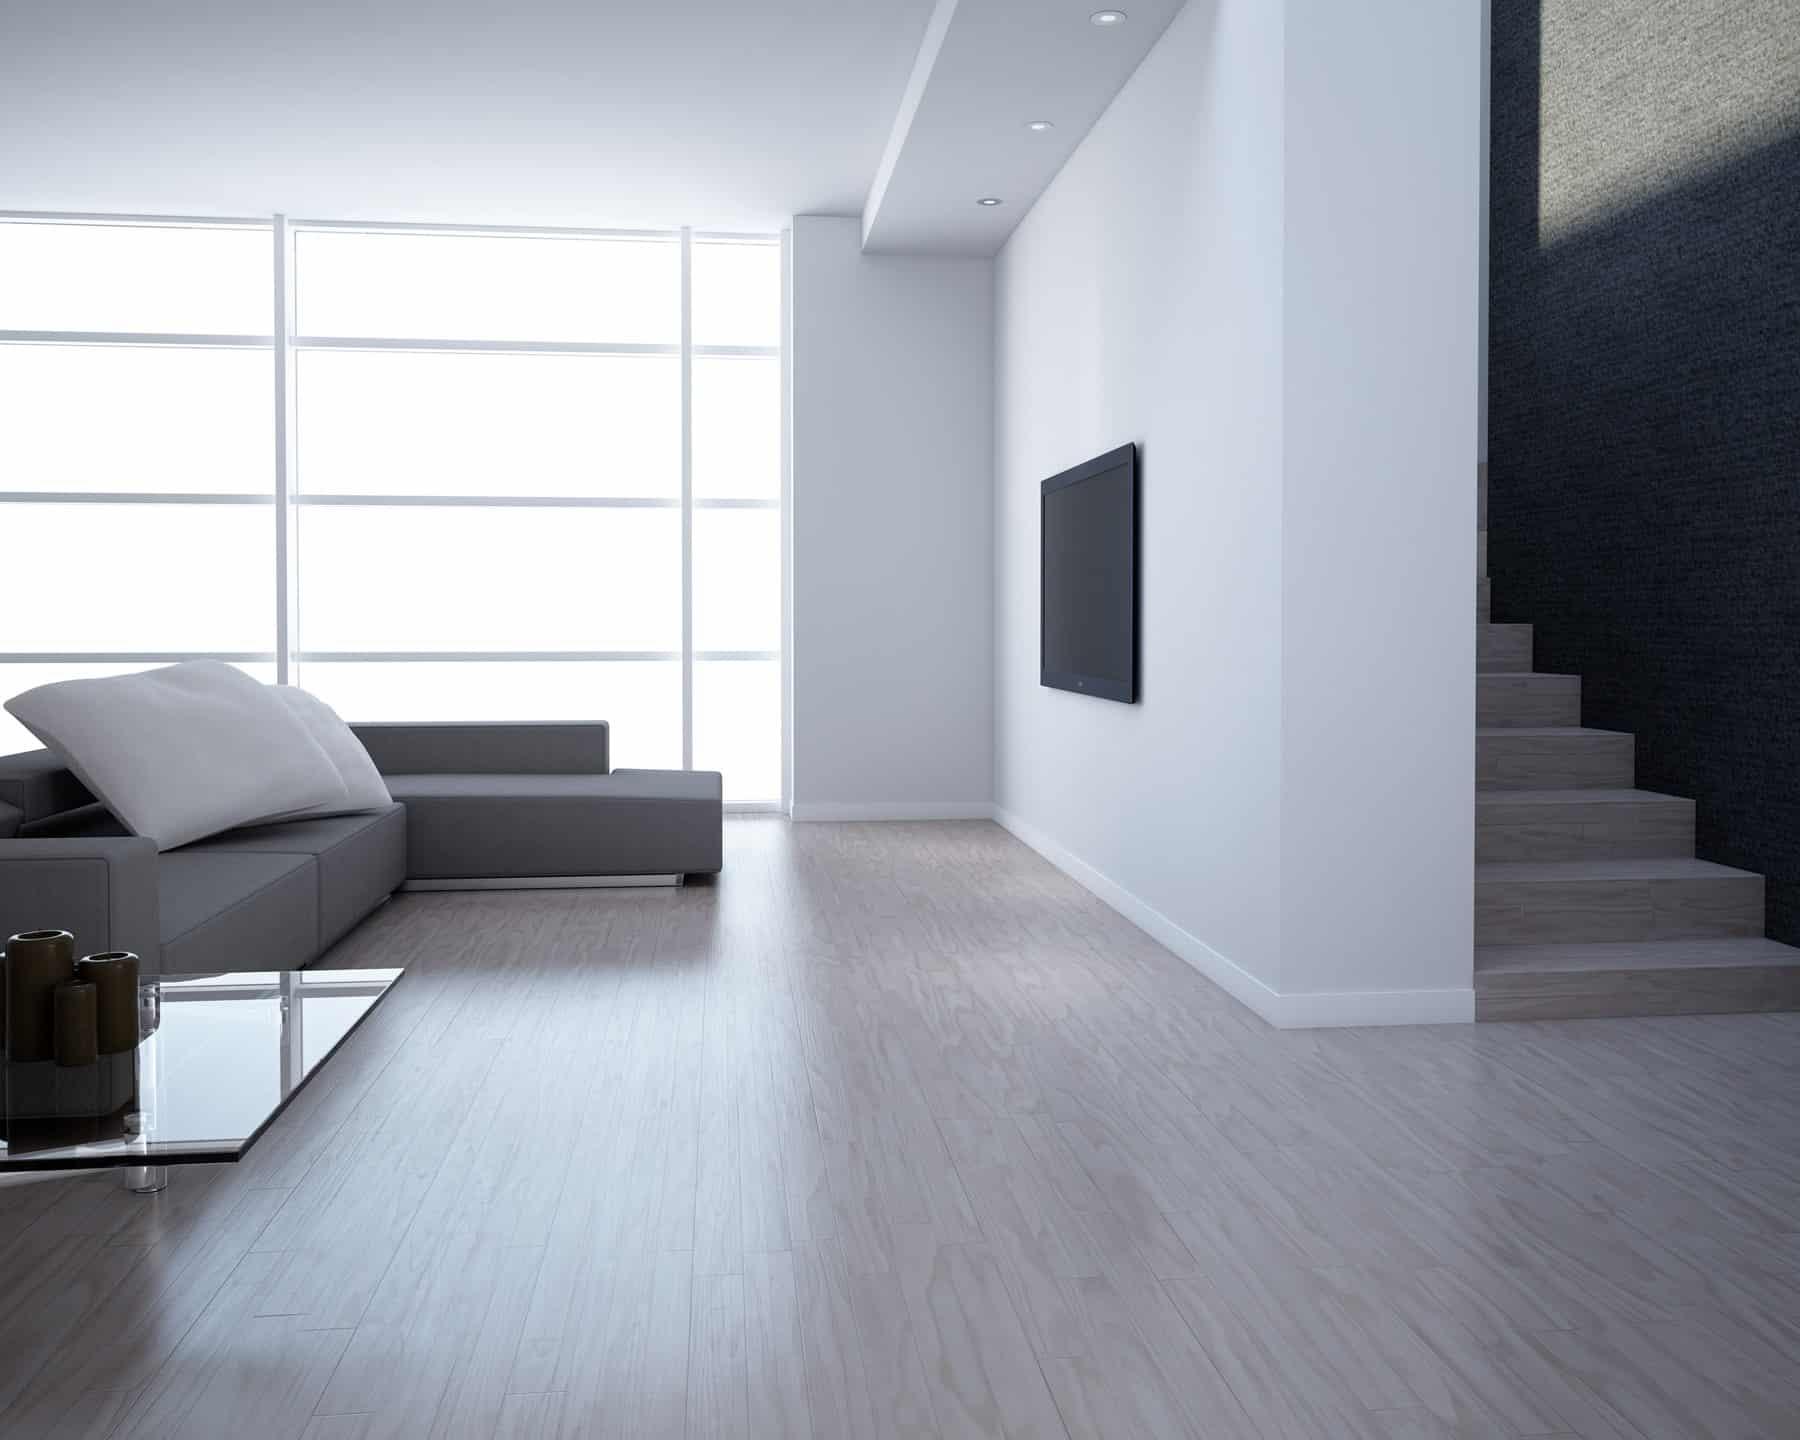 Meliconi 200s il supporto da muro ultrasottile che fa di ogni televisore un quadro - Porta televisore da muro ...